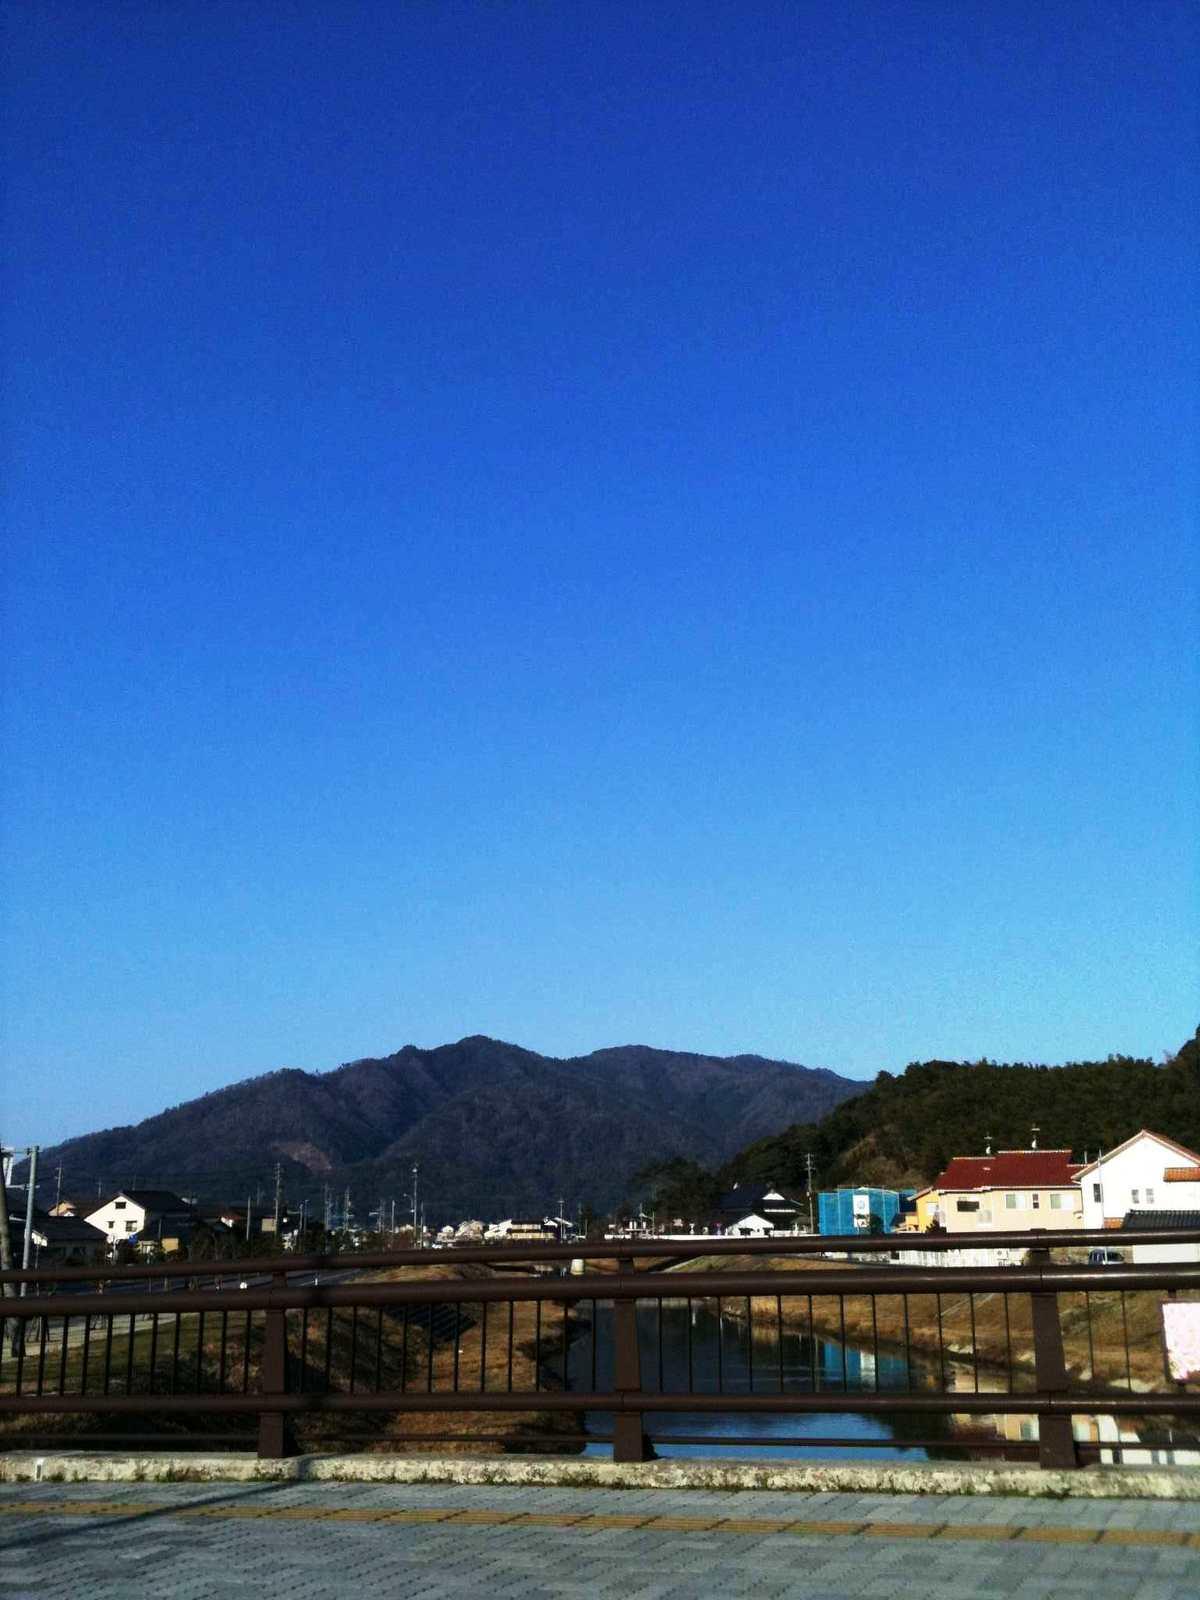 Photo_4_06_22_19_58